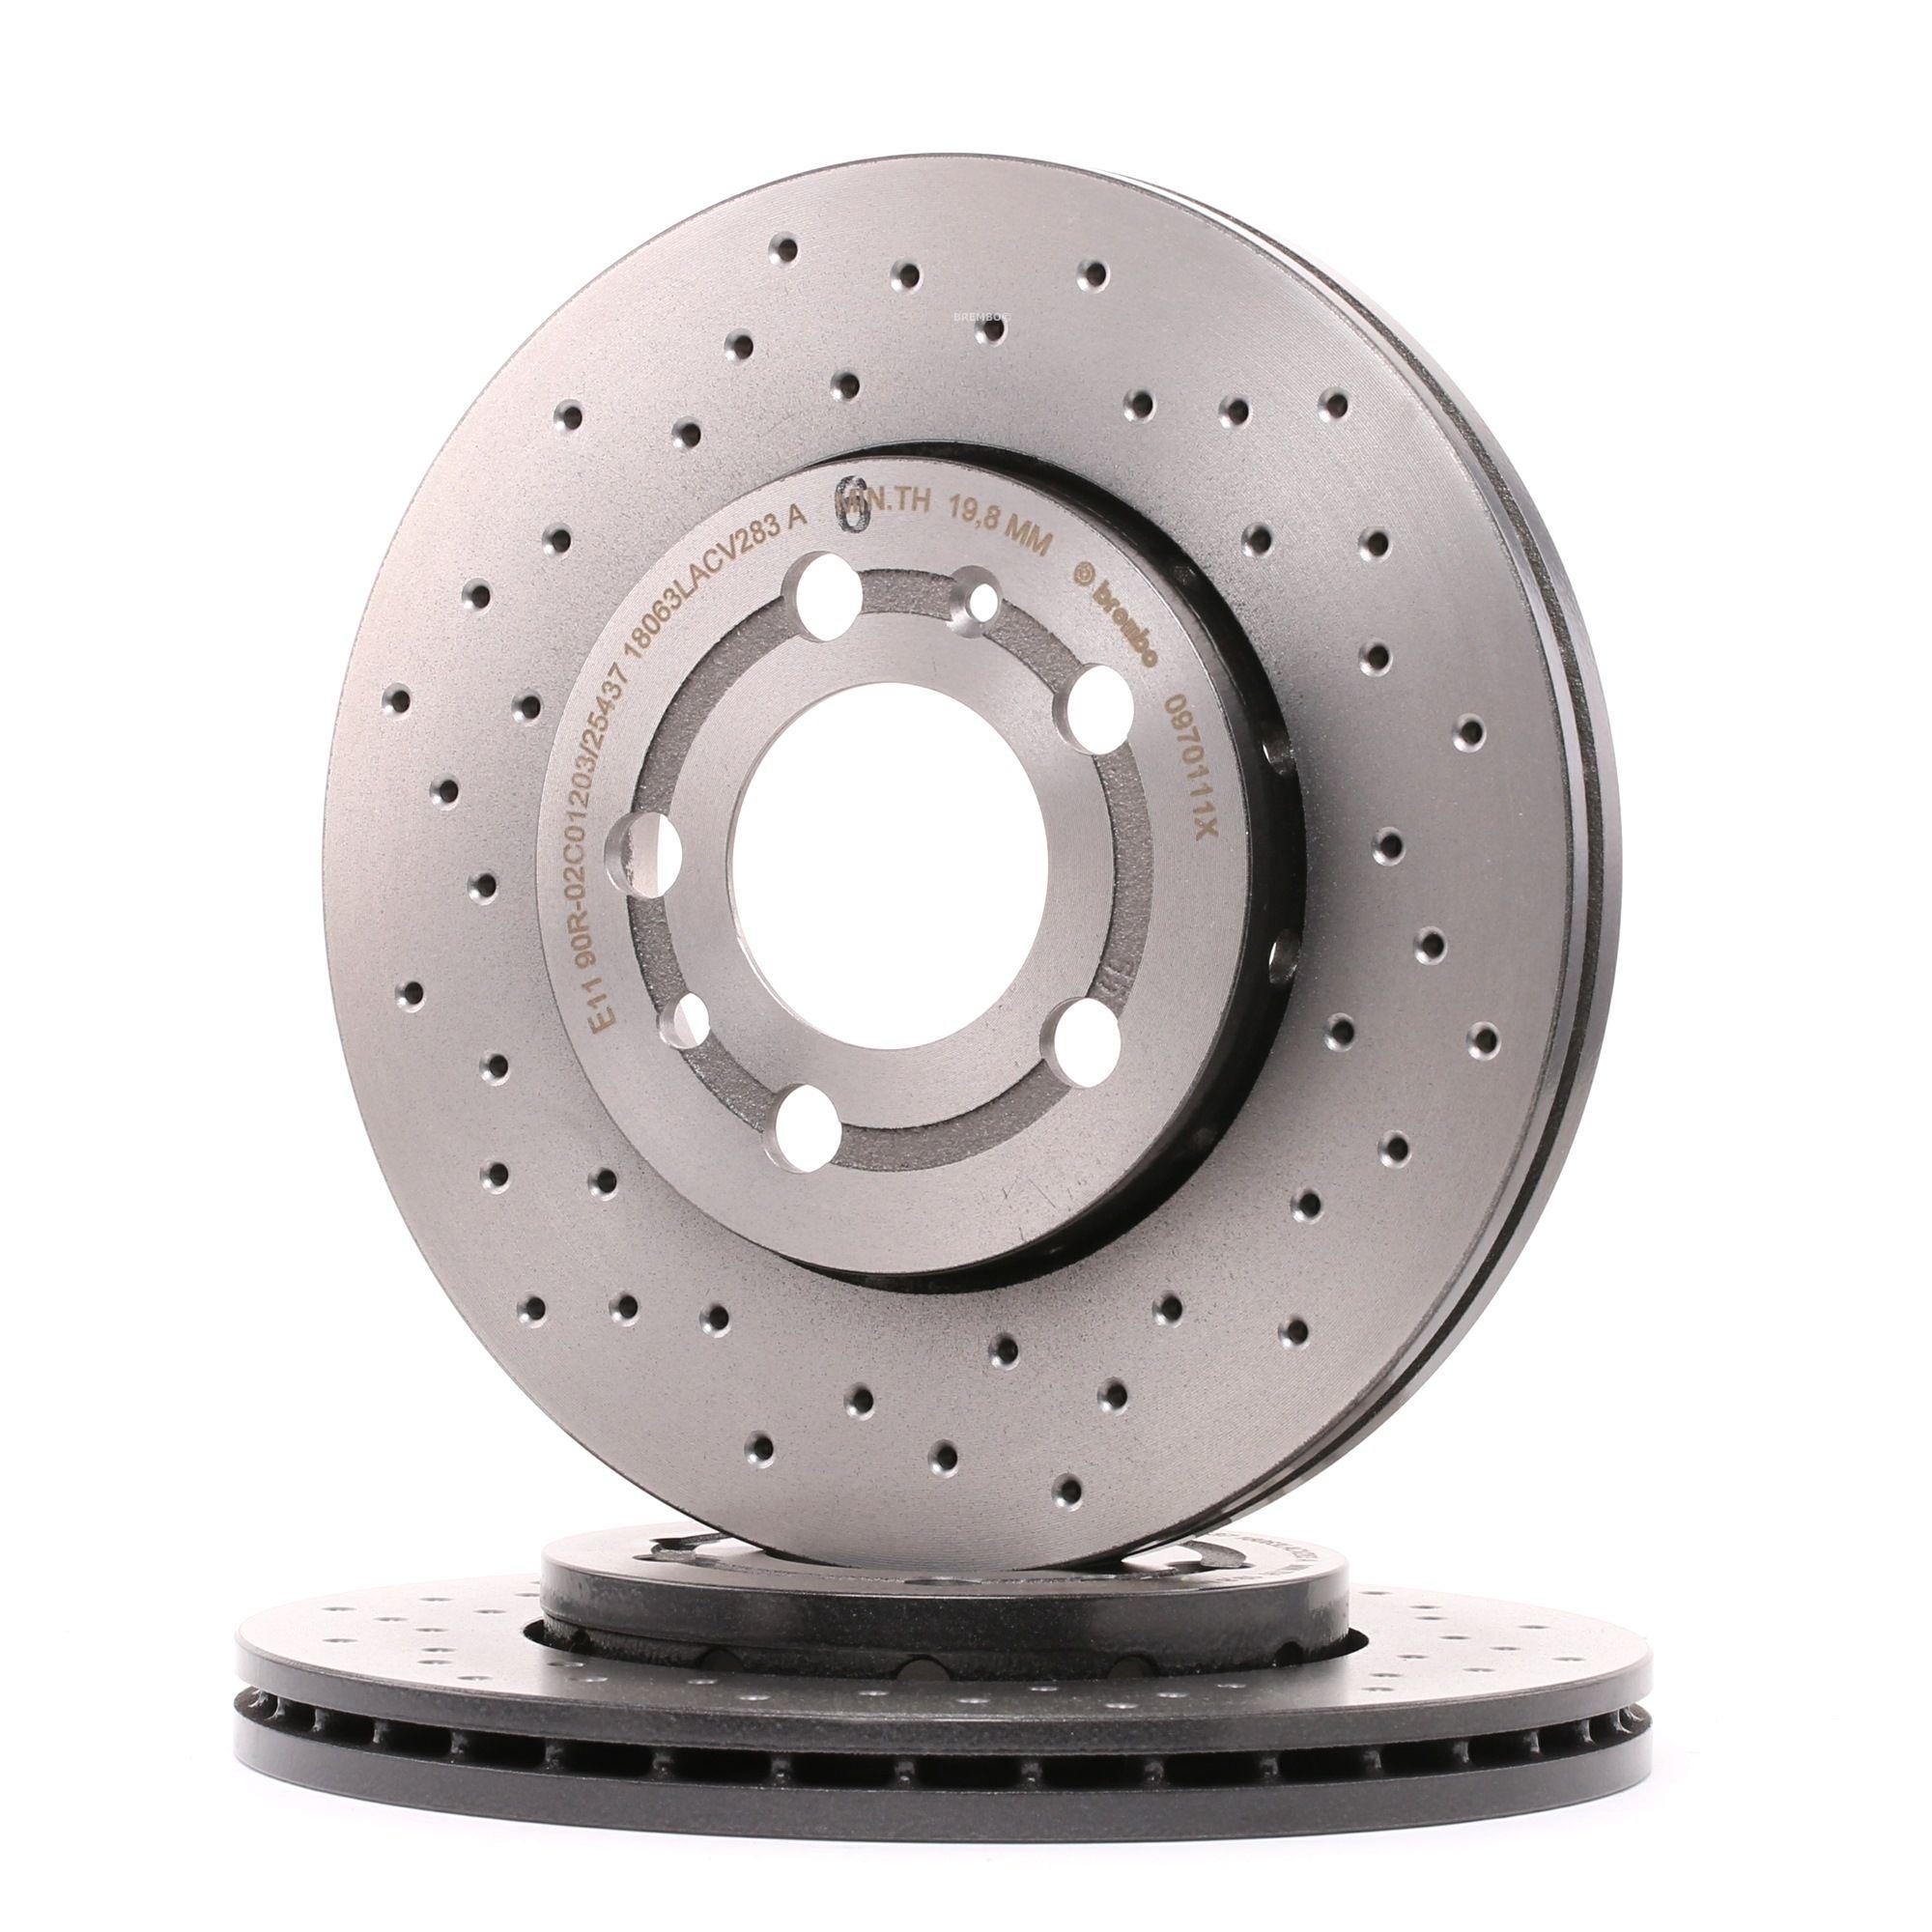 Achetez Disques de frein BREMBO 09.7011.1X (Ø: 256mm, Nbre de trous: 5, Épaisseur du disque de frein: 22mm) à un rapport qualité-prix exceptionnel